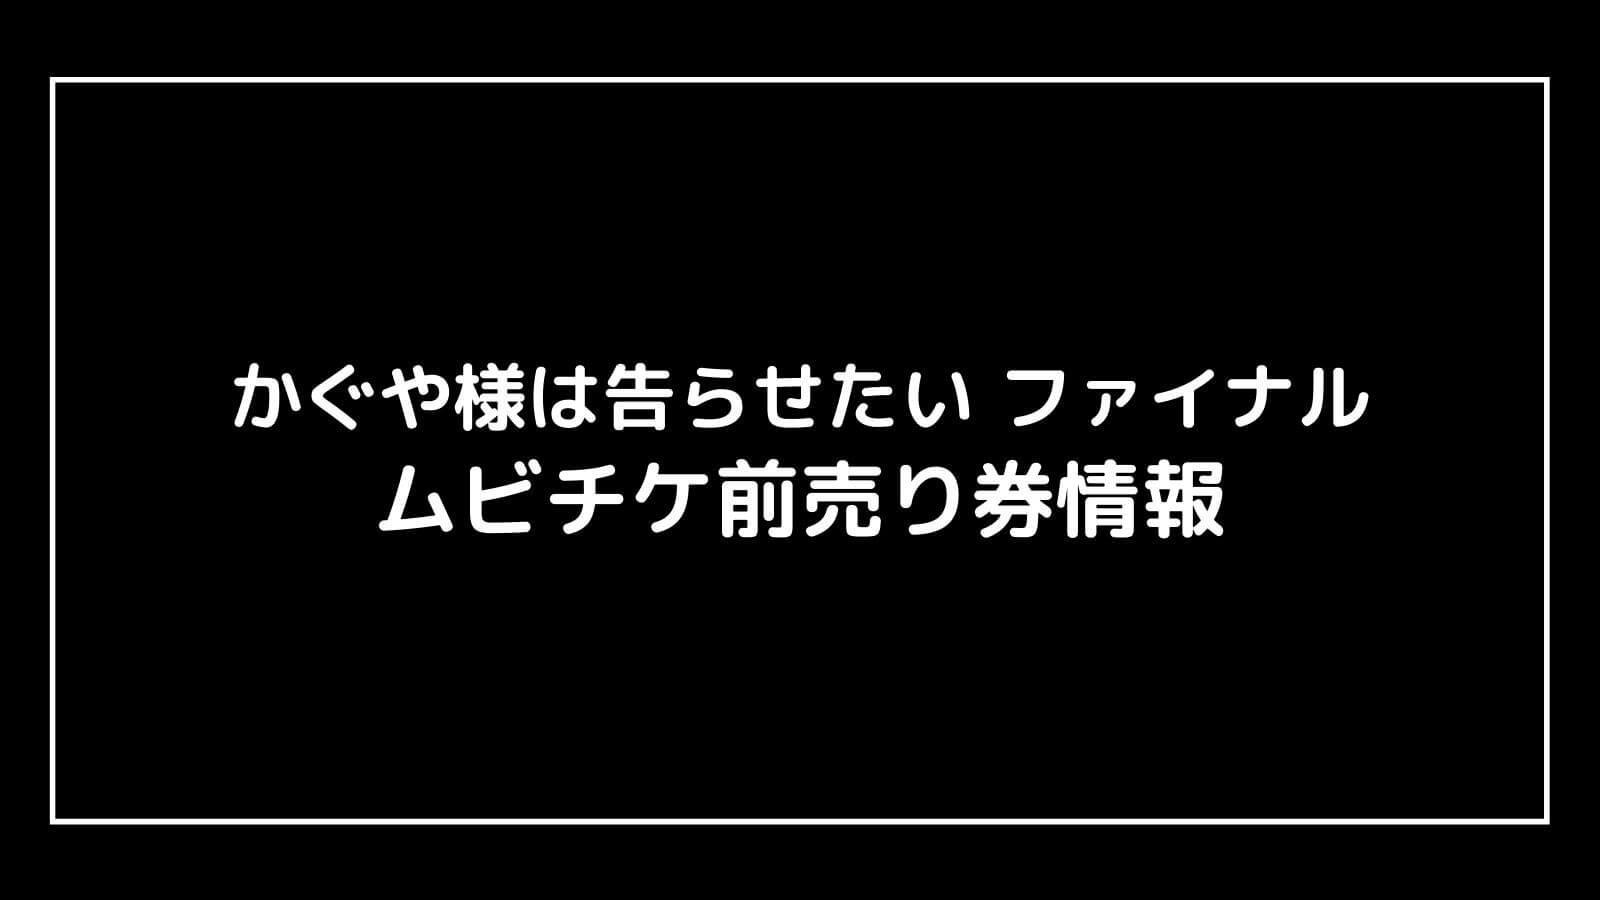 映画『かぐや様は告らせたい2 ファイナル』特典付きムビチケ前売り券はいつ完売する?